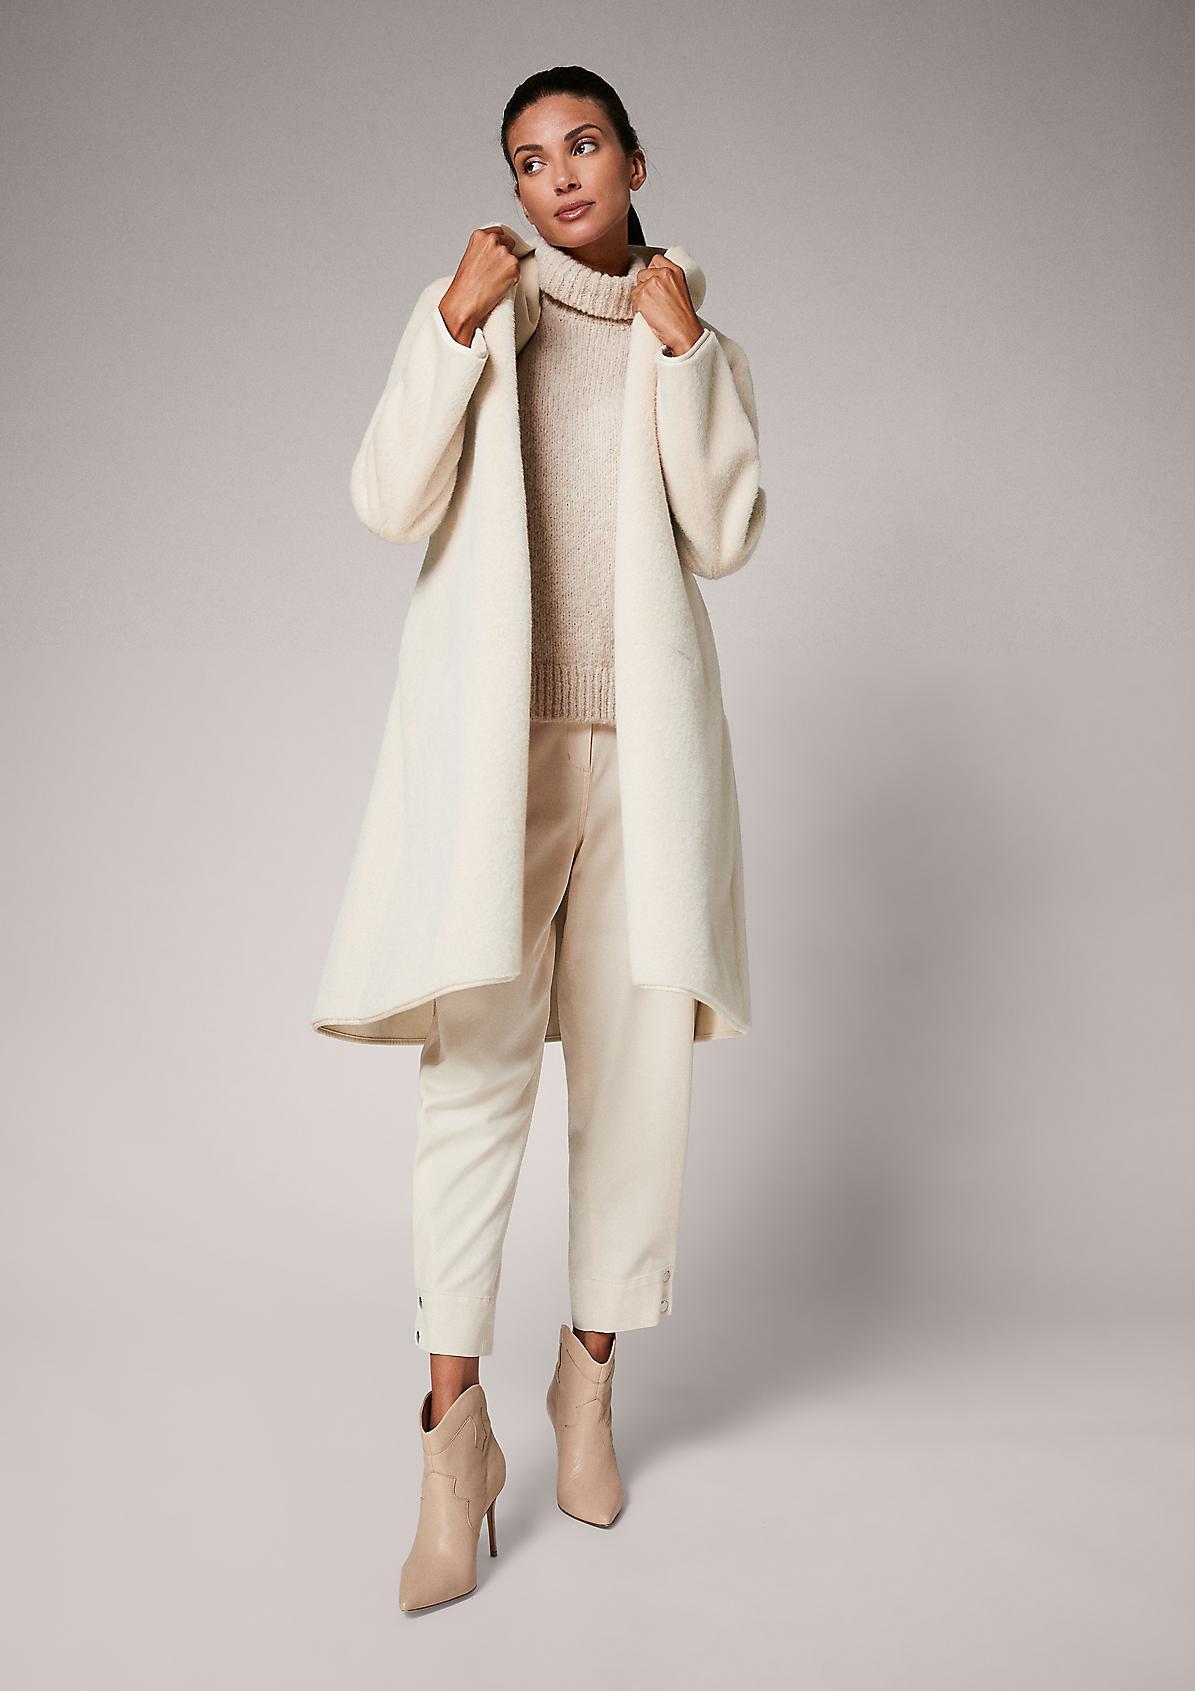 Mantel aus Kunstpelz